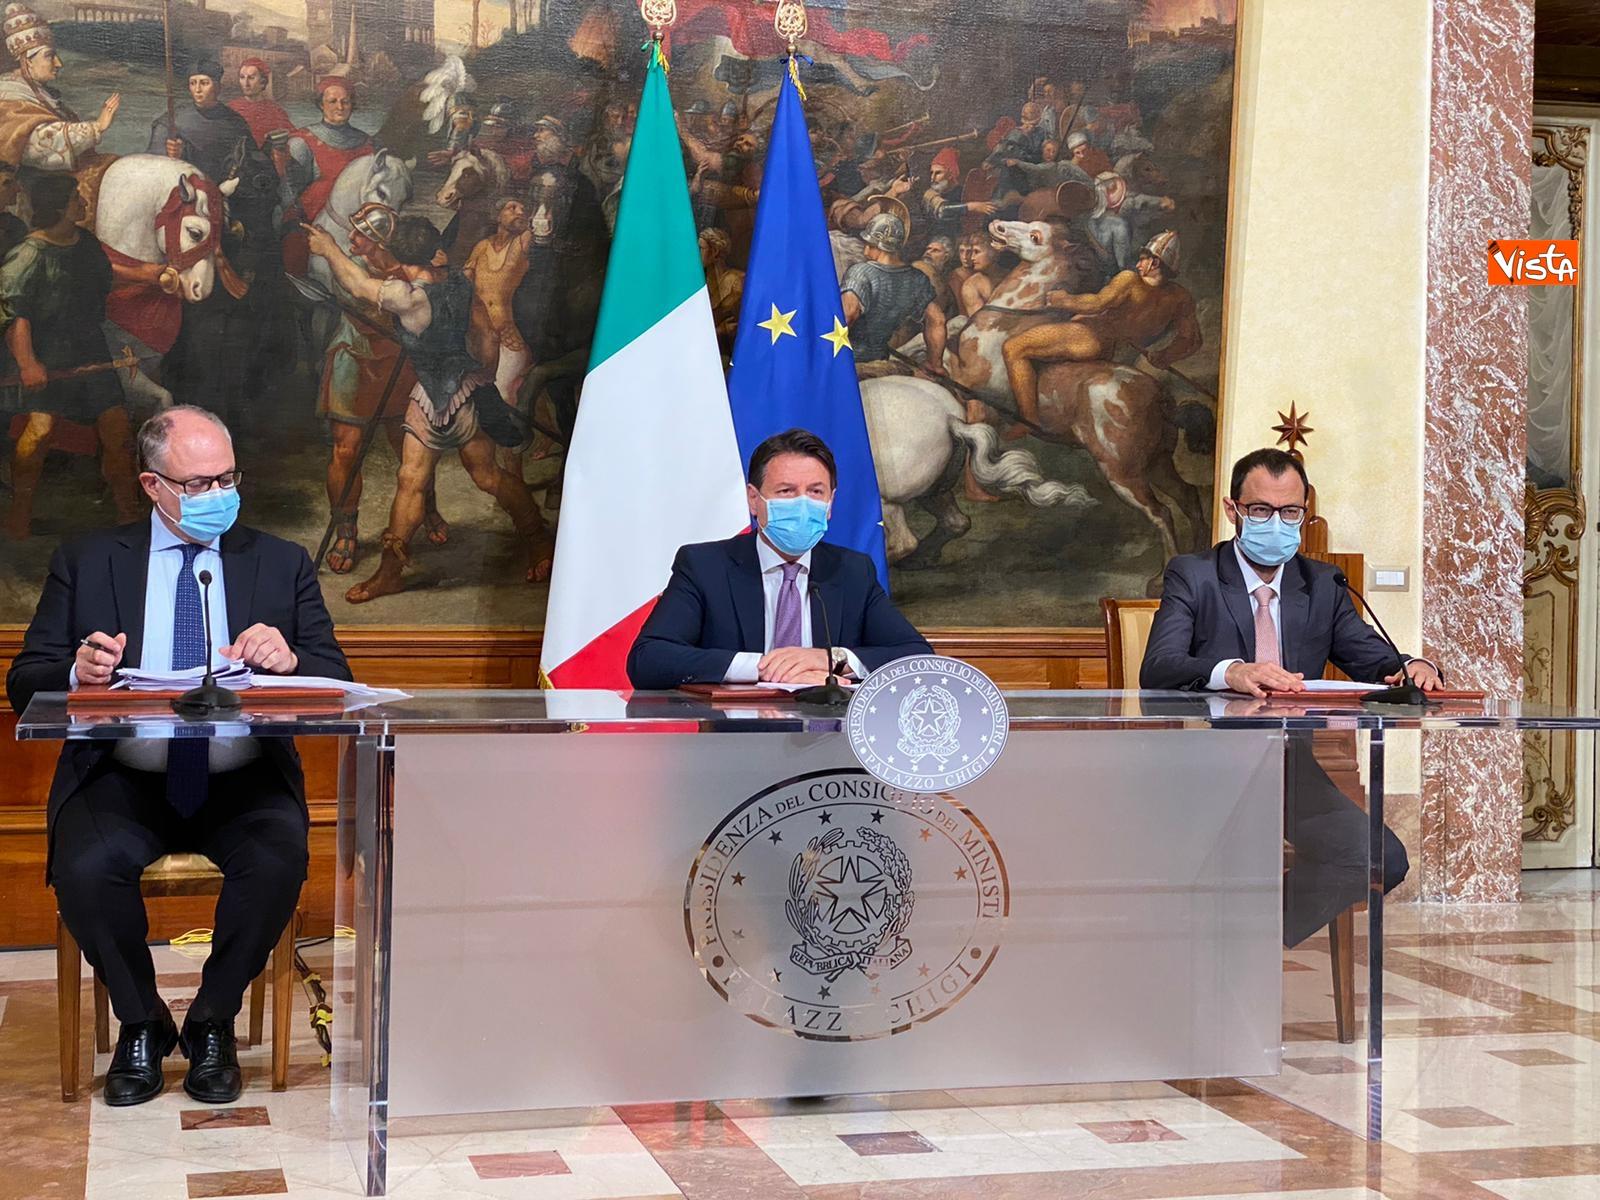 Dl ristori Conte Gualtieri e Patuanelli in conferenza stampa a Palazzo Chigi_04